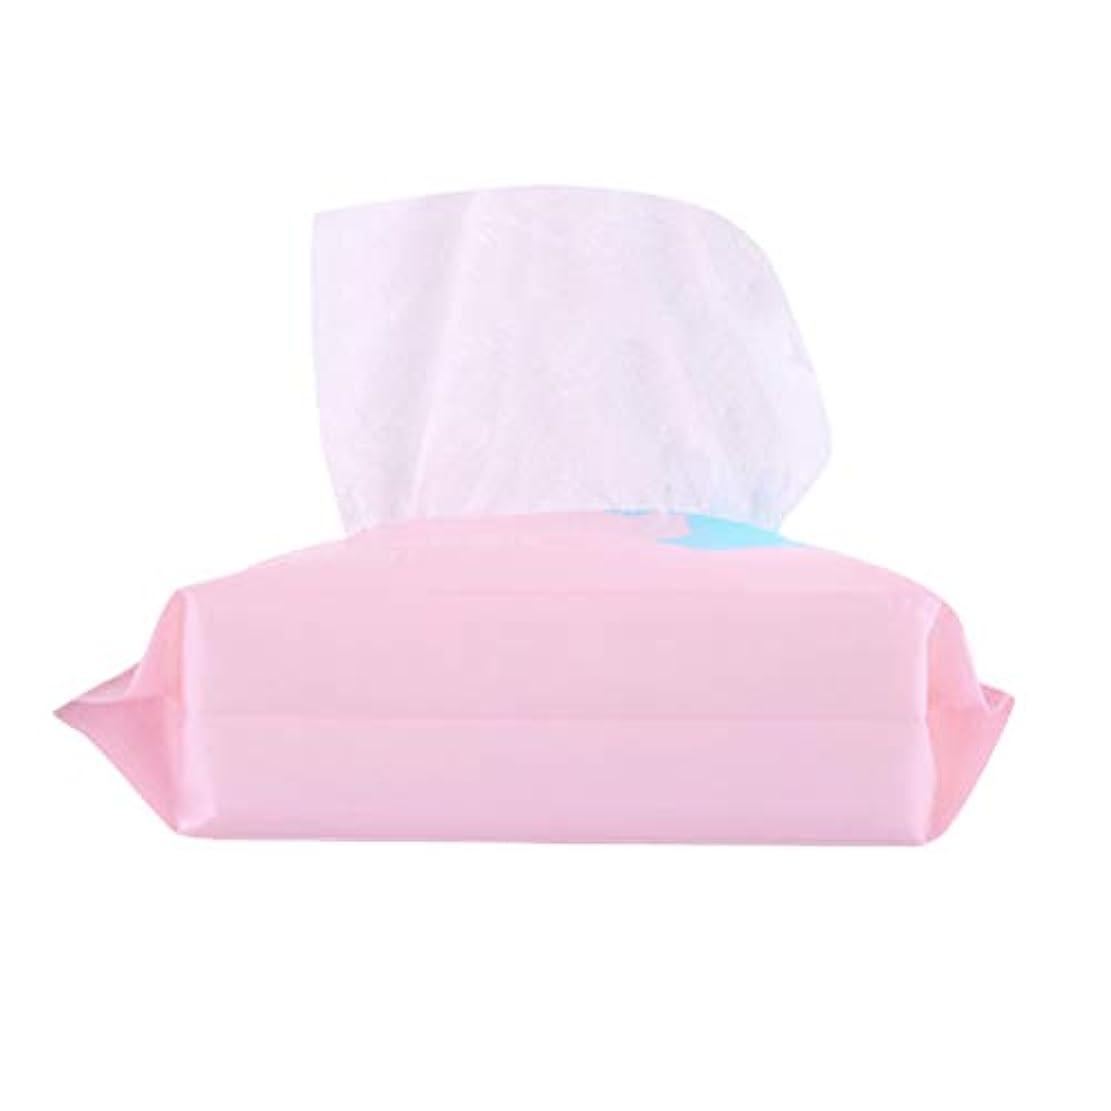 見落とす公発掘Lurrose 1 Bag Disposable Face Towel Facial Cotton Tissue Soft Cotton Pads Makeup Facial Soft Pads Pink (100pcs...